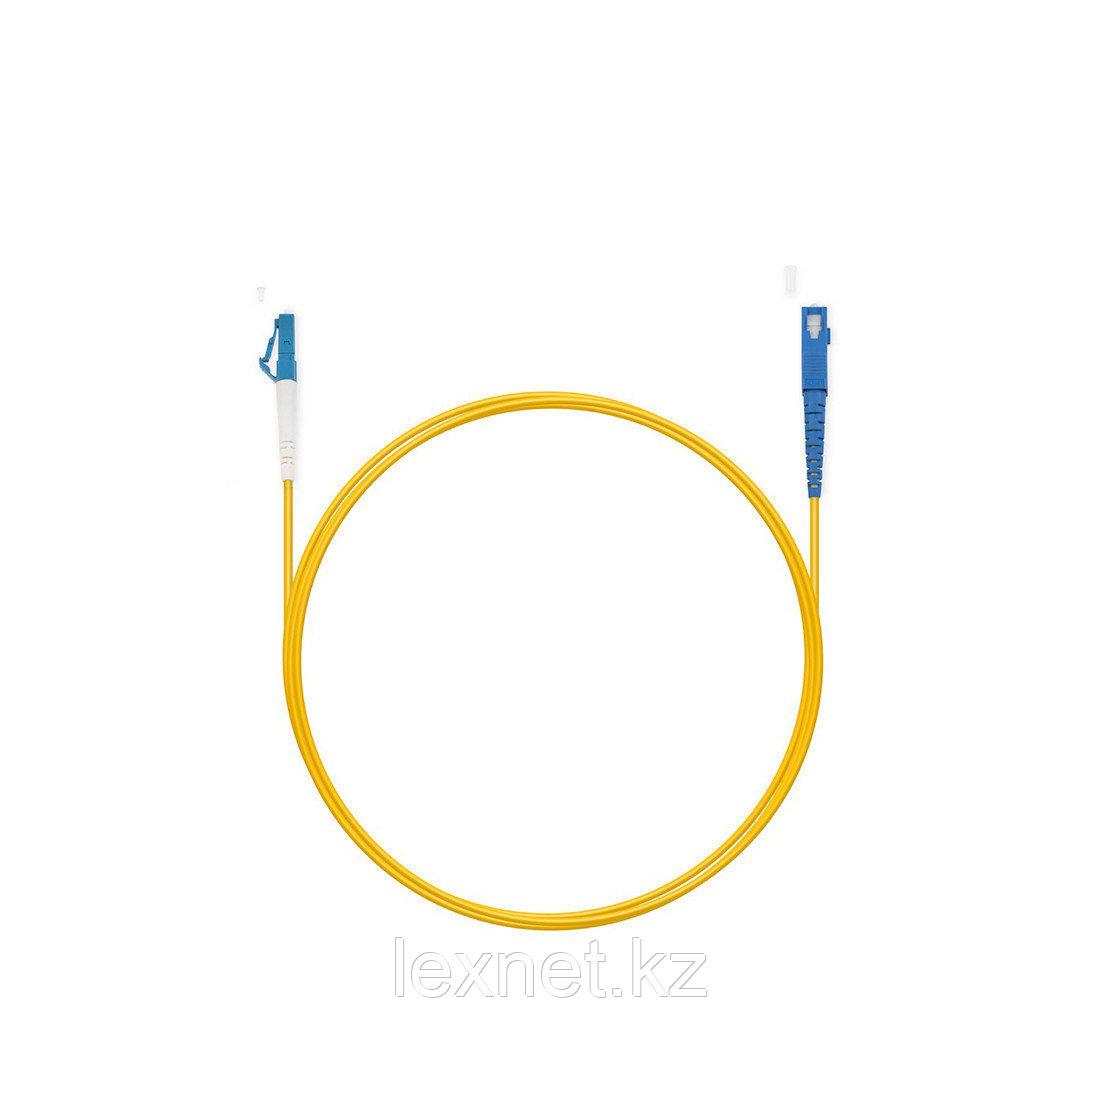 Патч Корд Оптоволоконный FС/UPC-LC/APC SM 9/125 Simplex 3.0мм 1 м